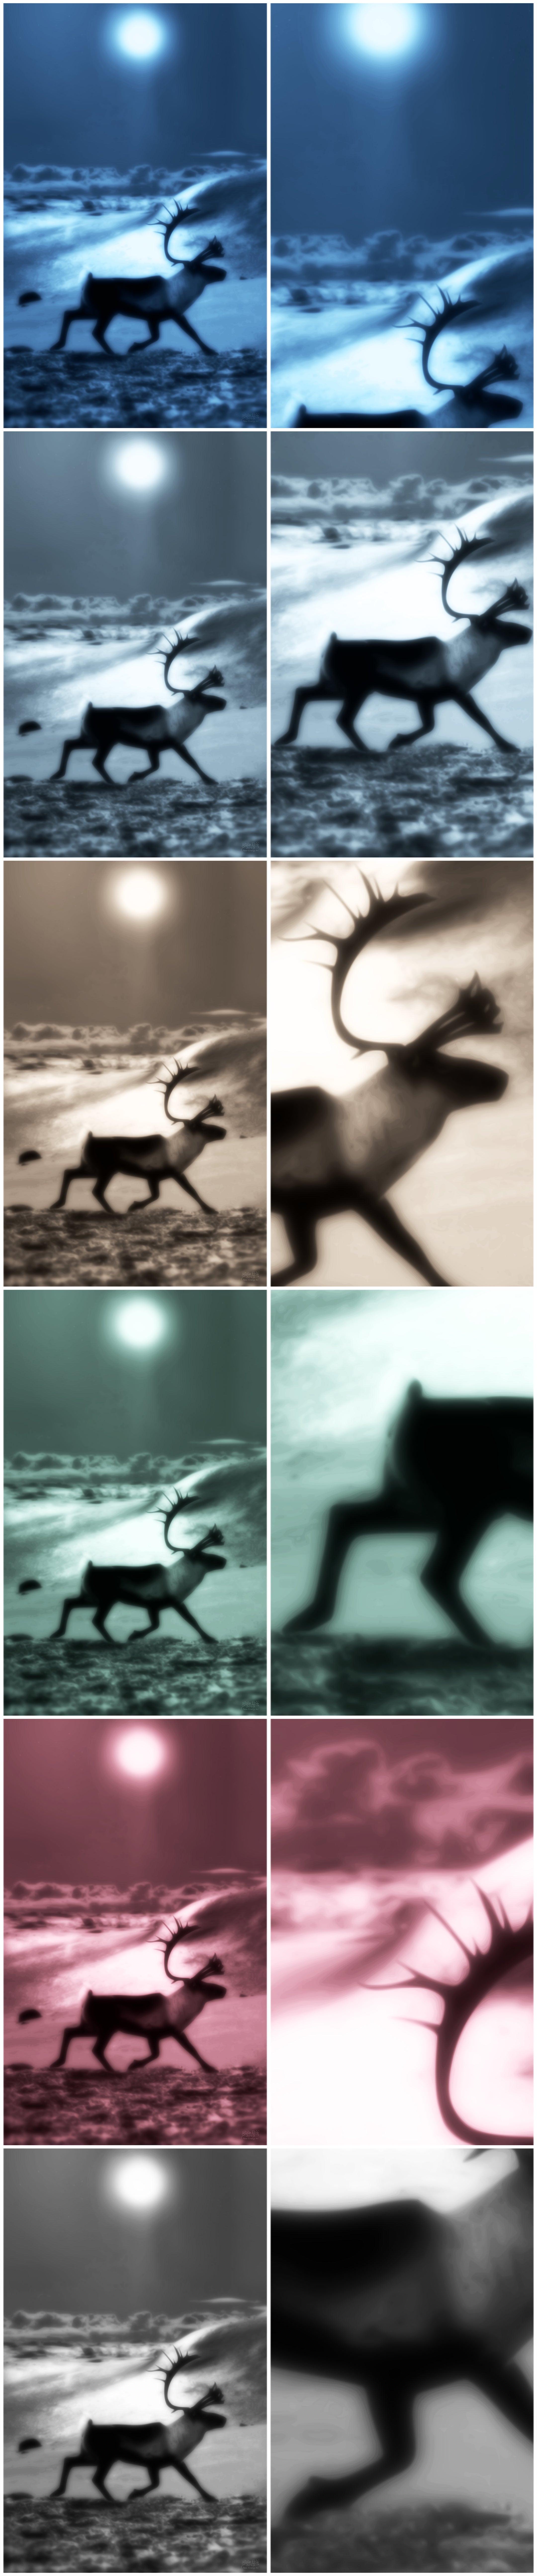 Reindeer at Hardangervidda v2e COLLECTIO